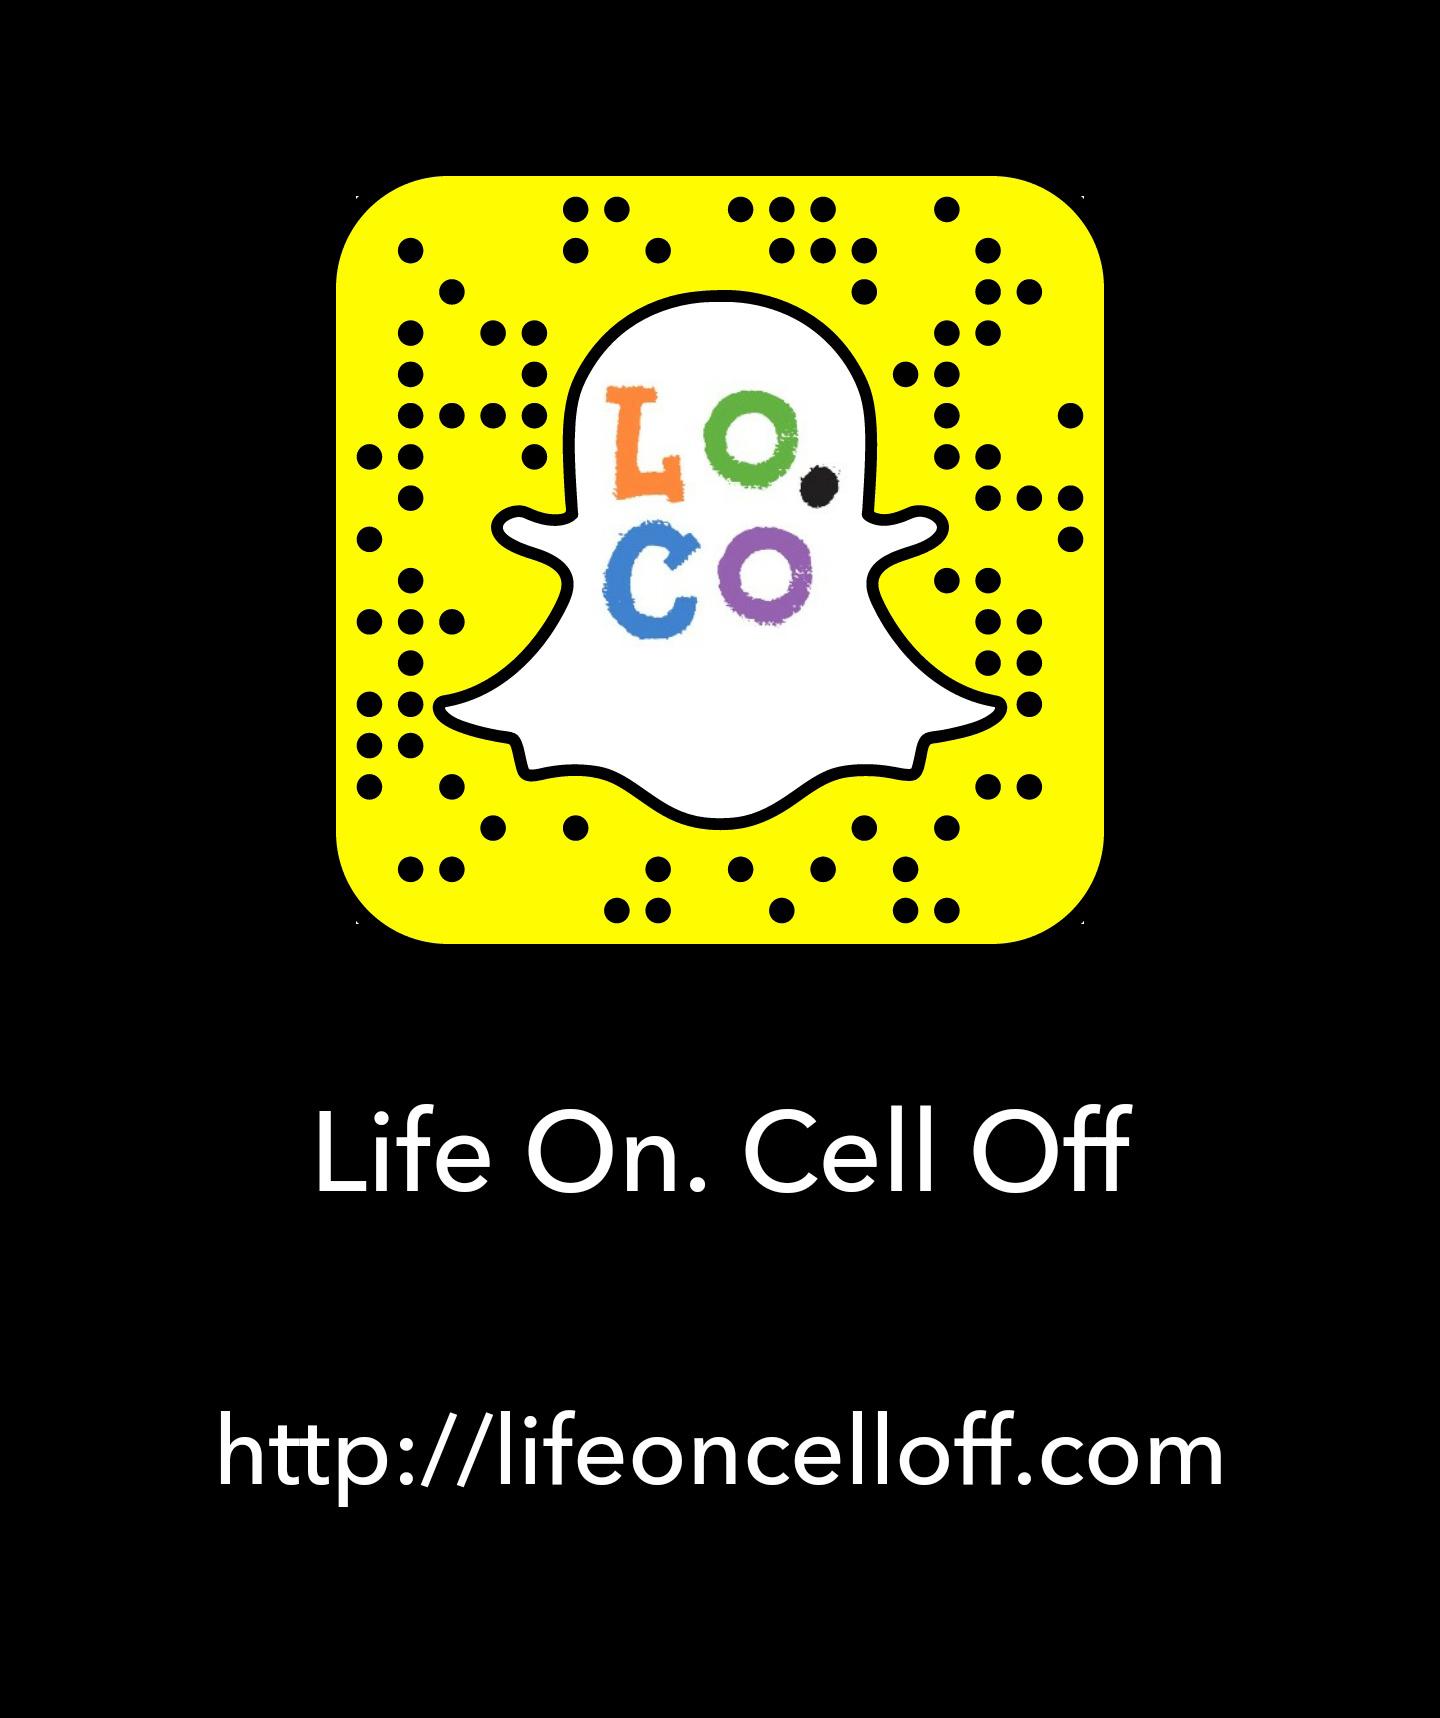 LoCo_Snapchat.jpg